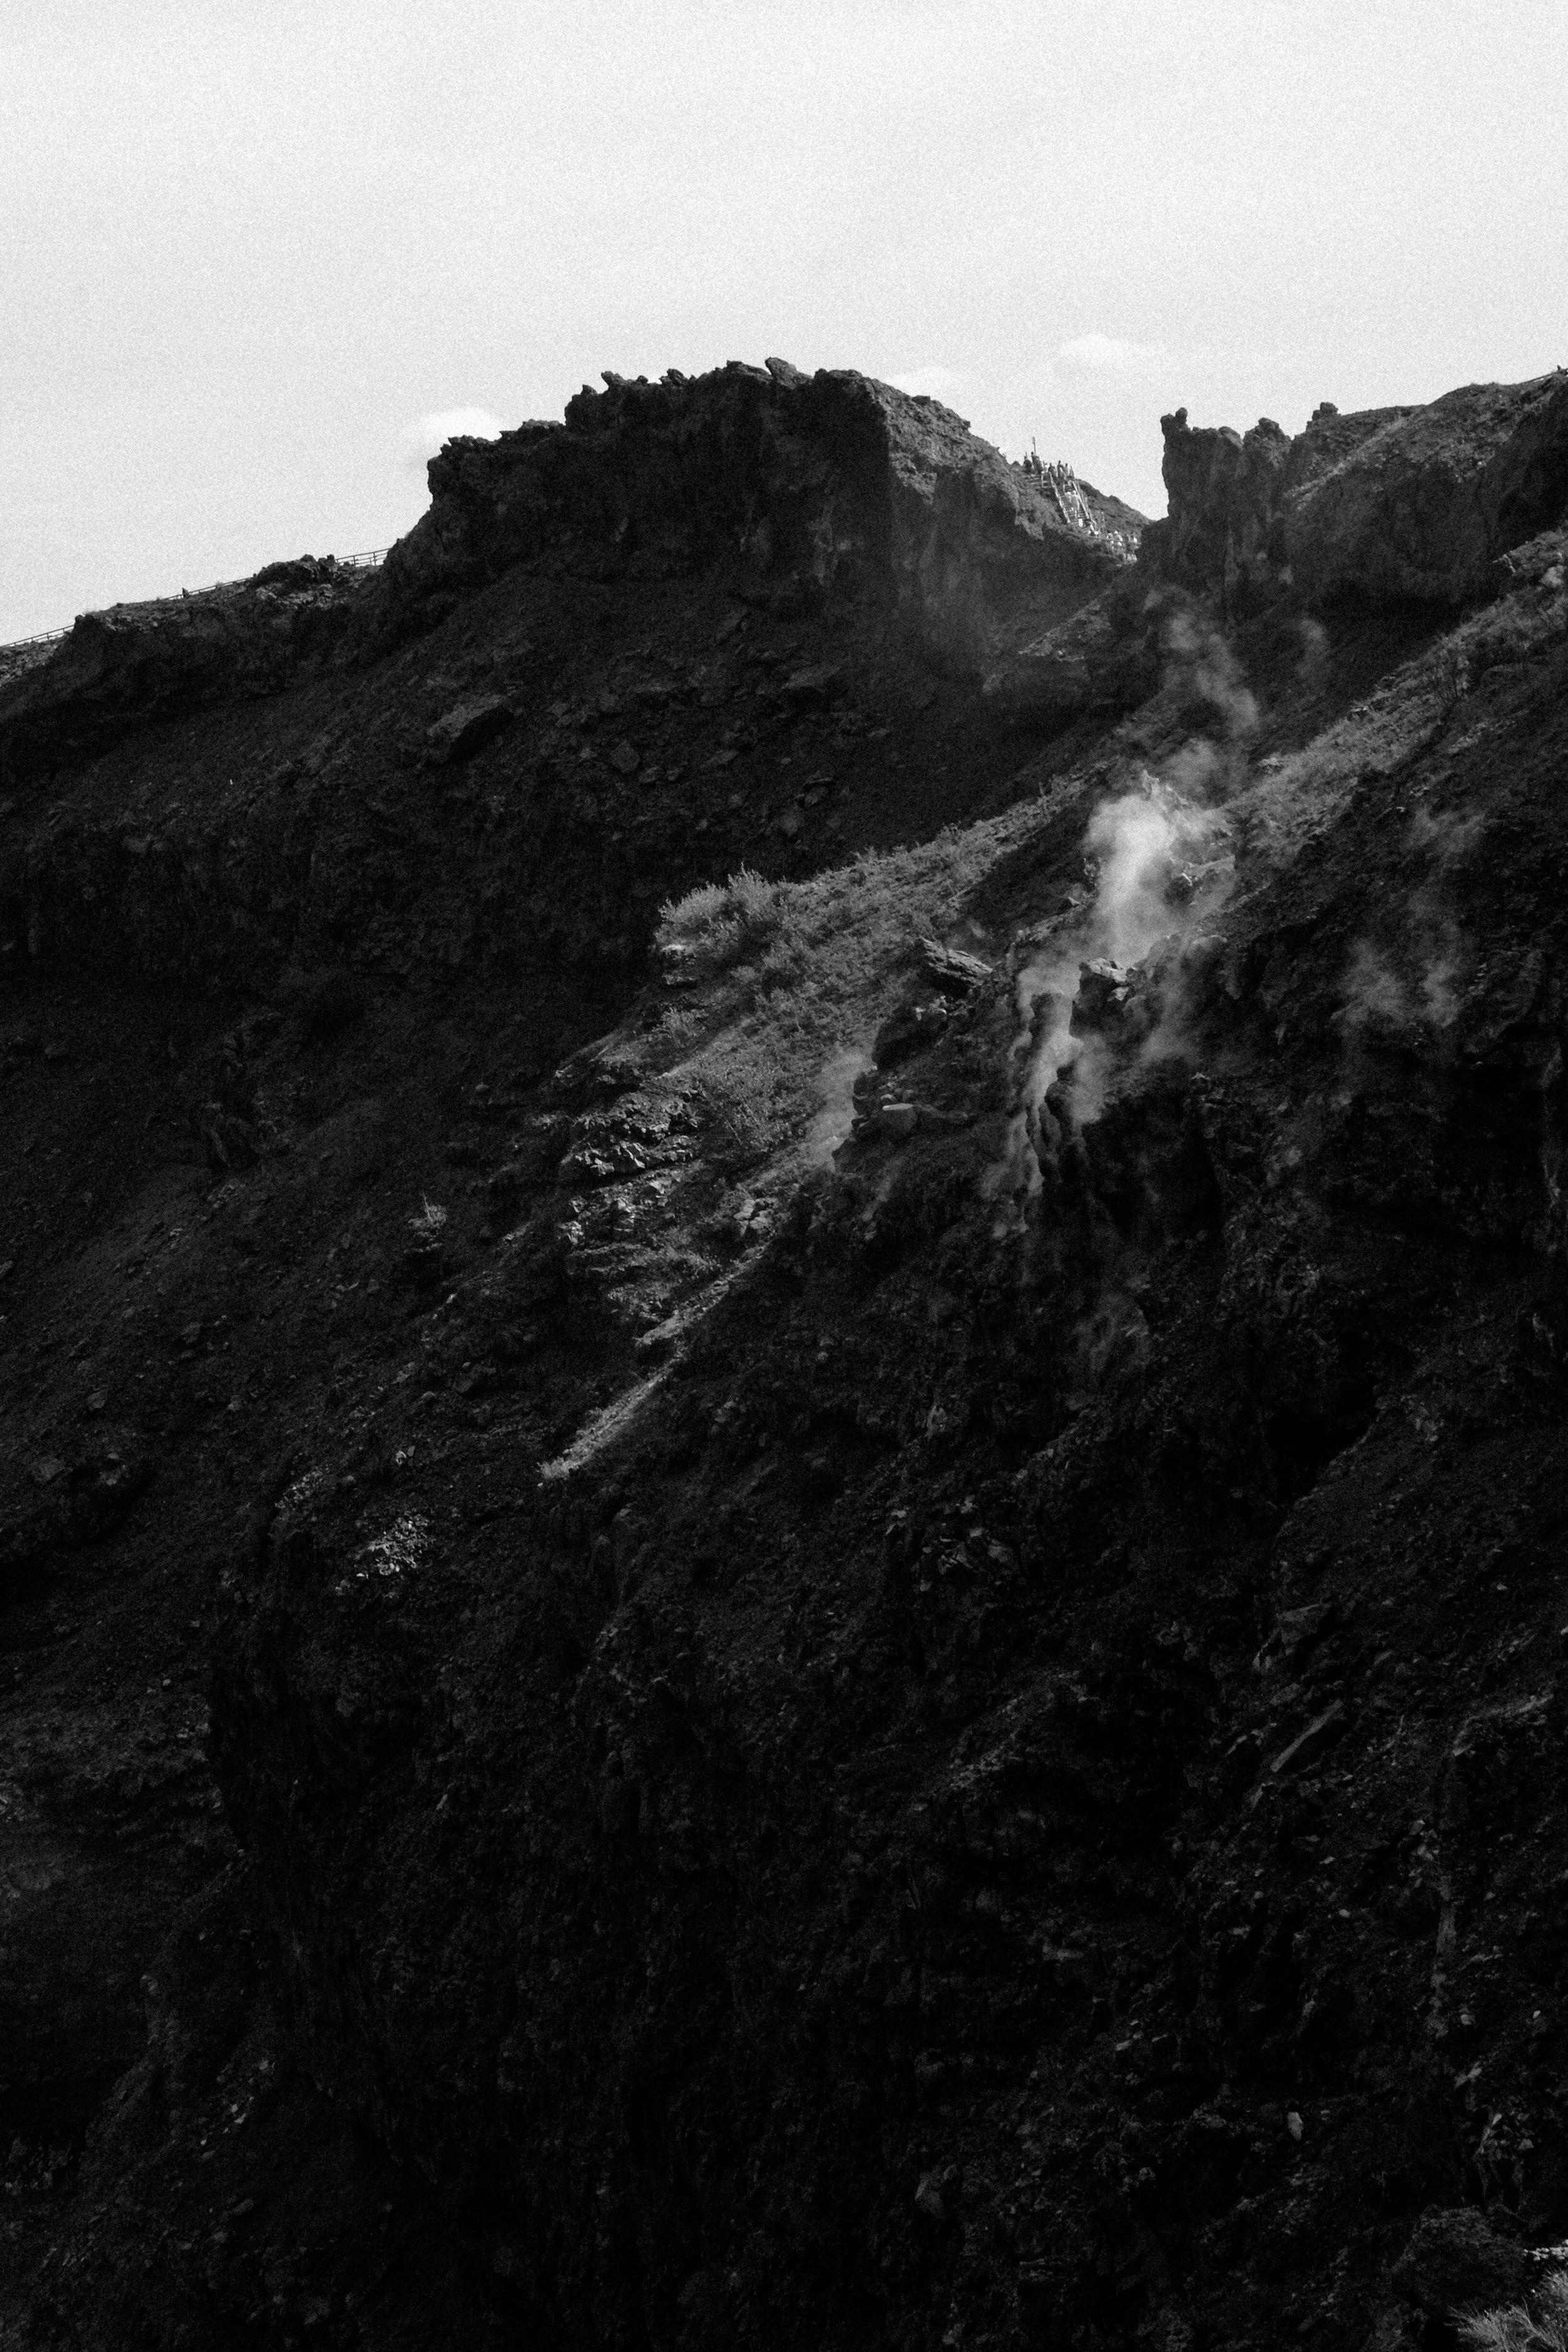 Lesly Lotha_Mount Vesuvius_Italy 09.jpg